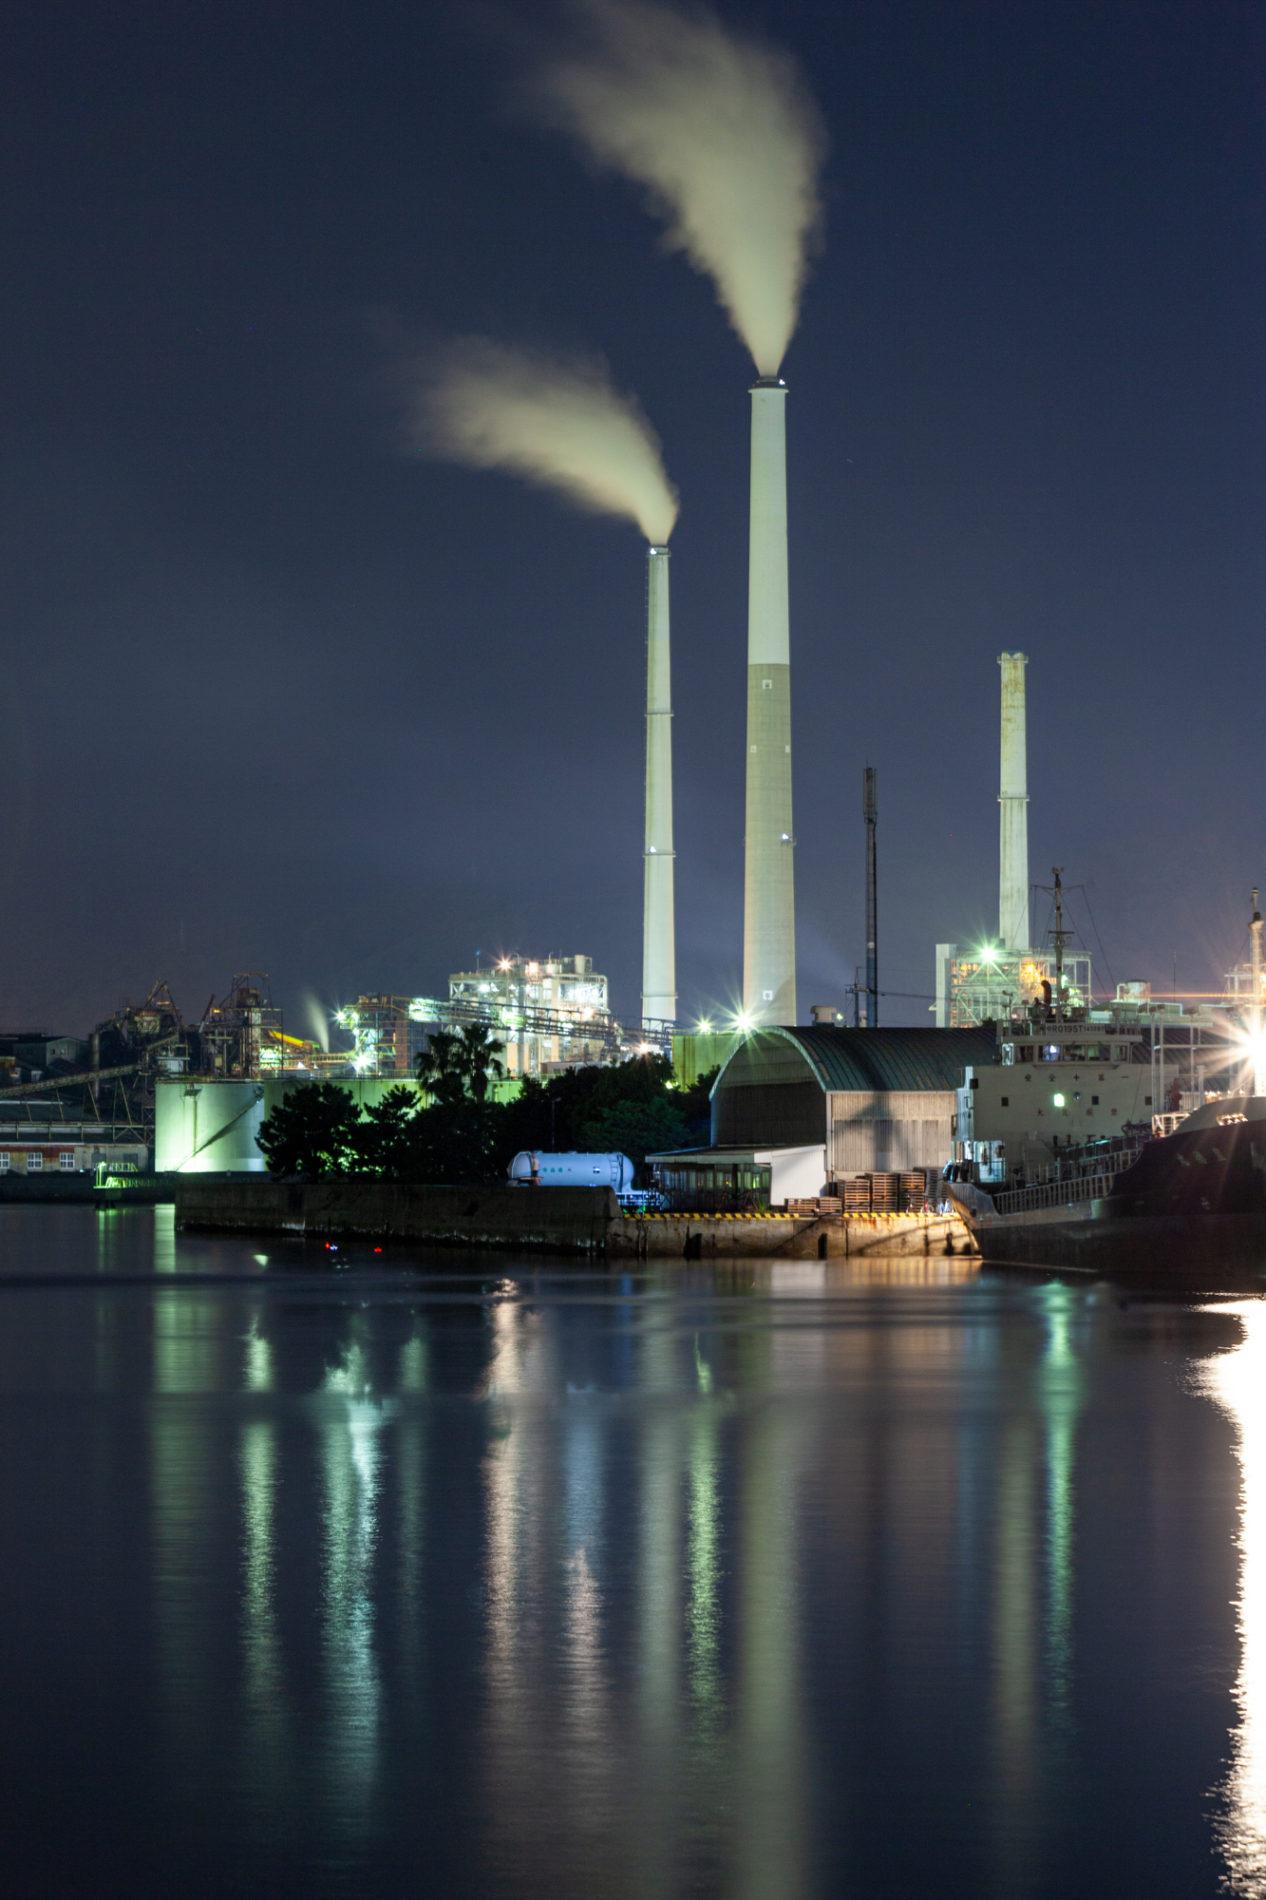 工場夜景 煙突 水蒸気 水辺